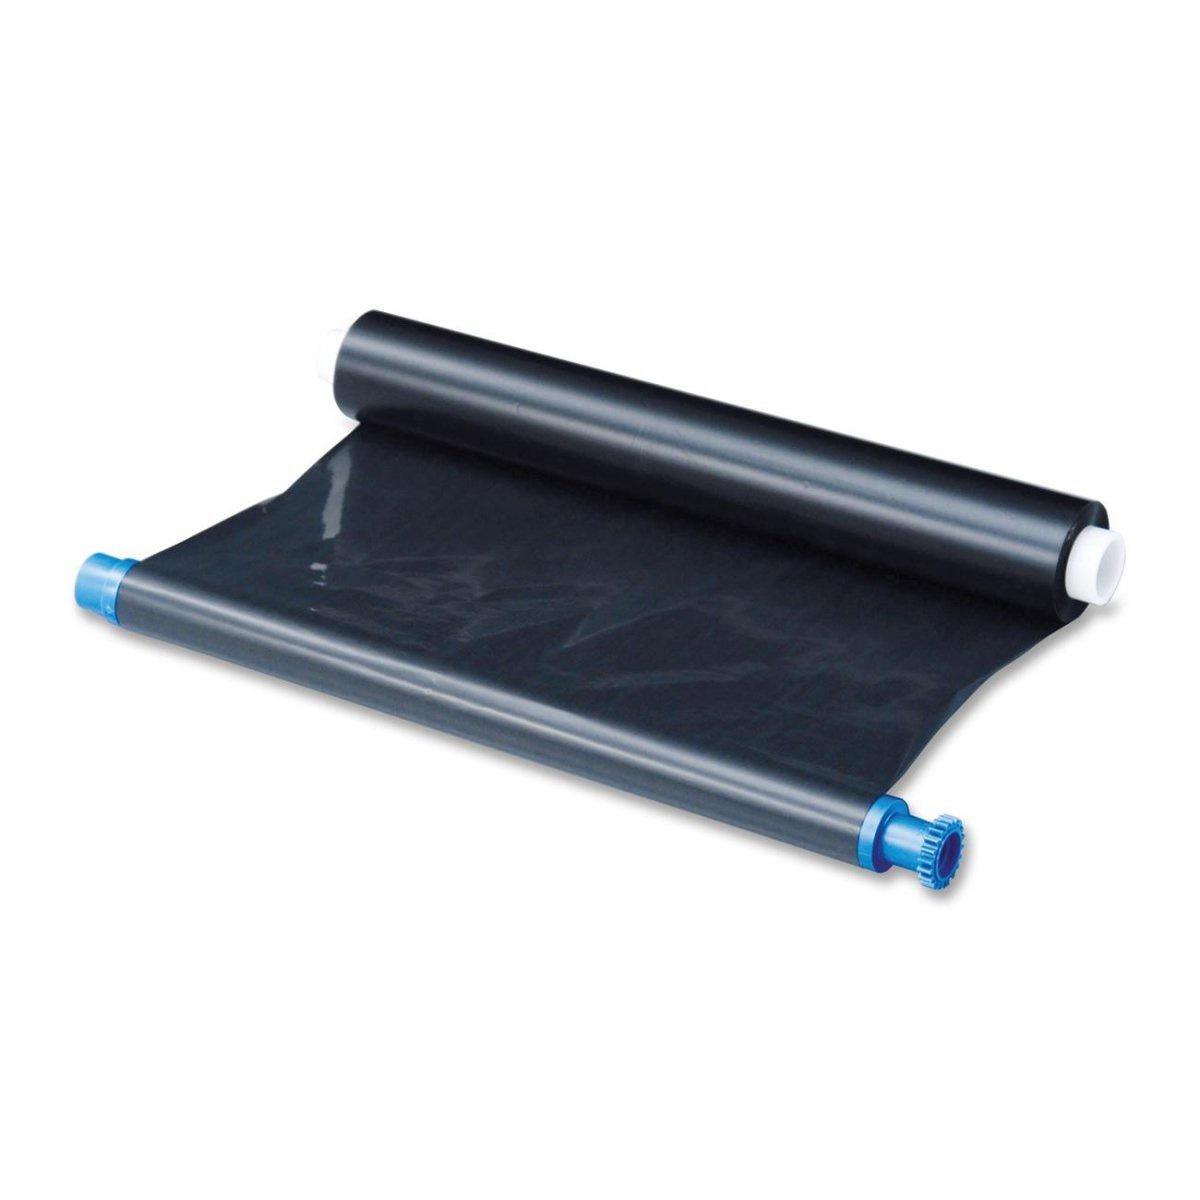 Термопленка Panasonic pl28 аксессуар panasonic термопленка для kx fp141 143 145 148 kx fa54a x e 7